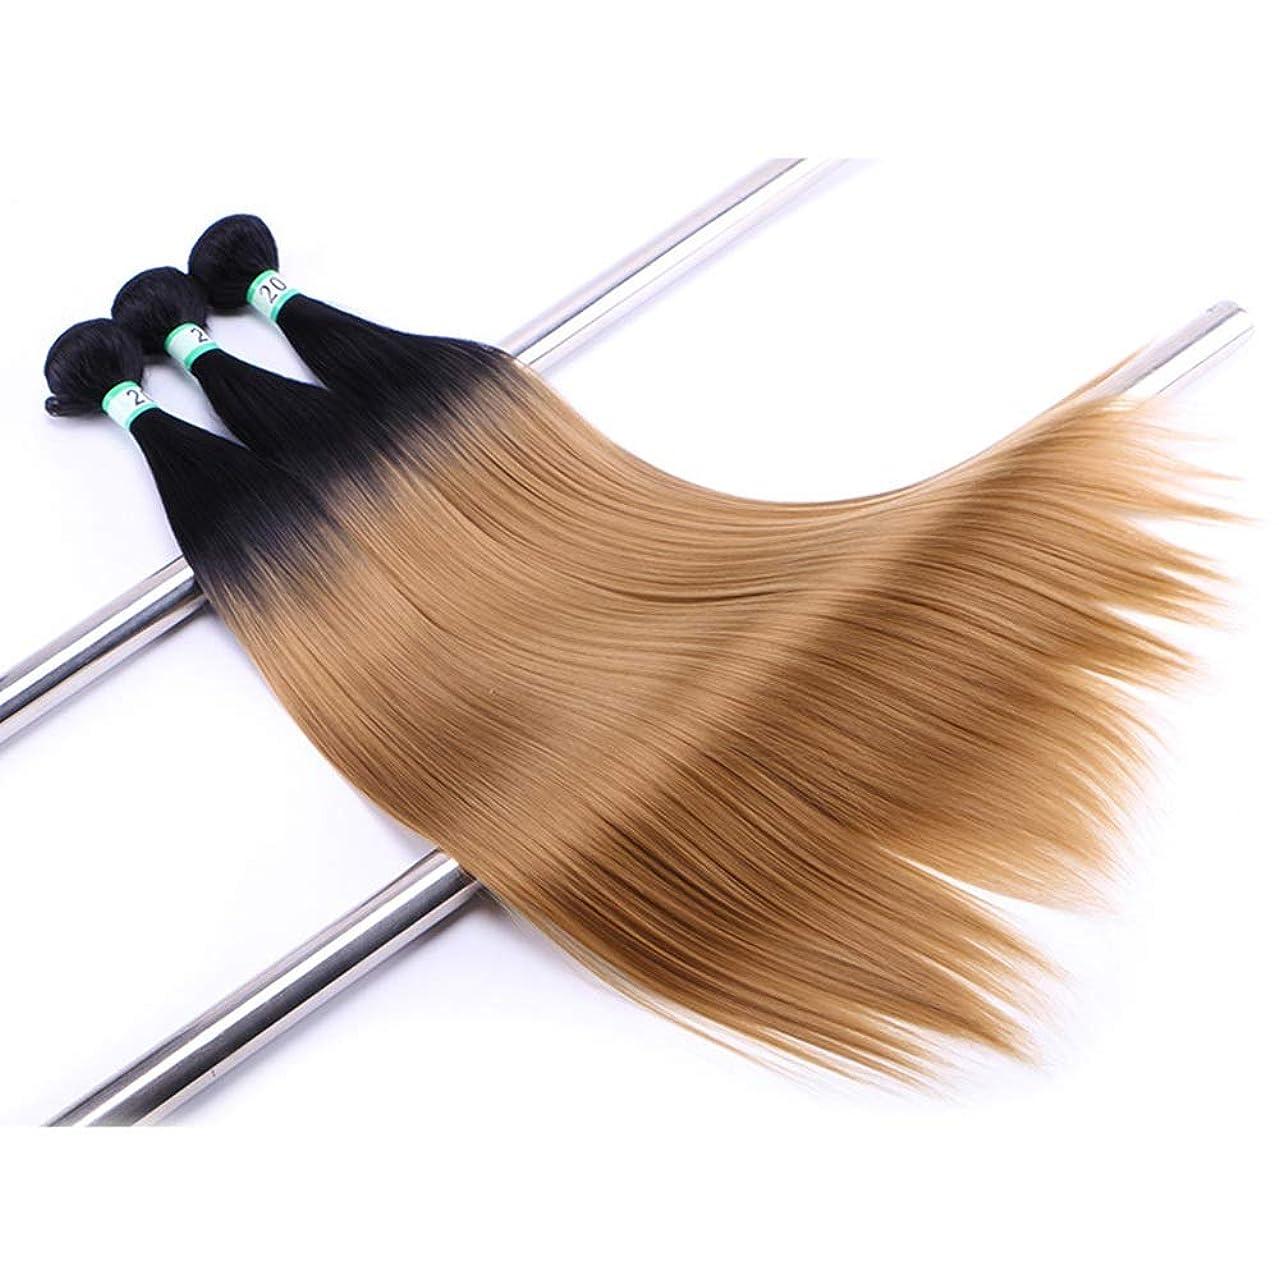 髄番目哲学者BOBIDYEE ヘアエクステンション織りバンドルブロンドナチュラルヘア横糸ストレートクリップなし(3バンドル)合成髪レースかつらロールプレイングウィッグロングとショート女性自然 (色 : Blonde, サイズ : 22inch)